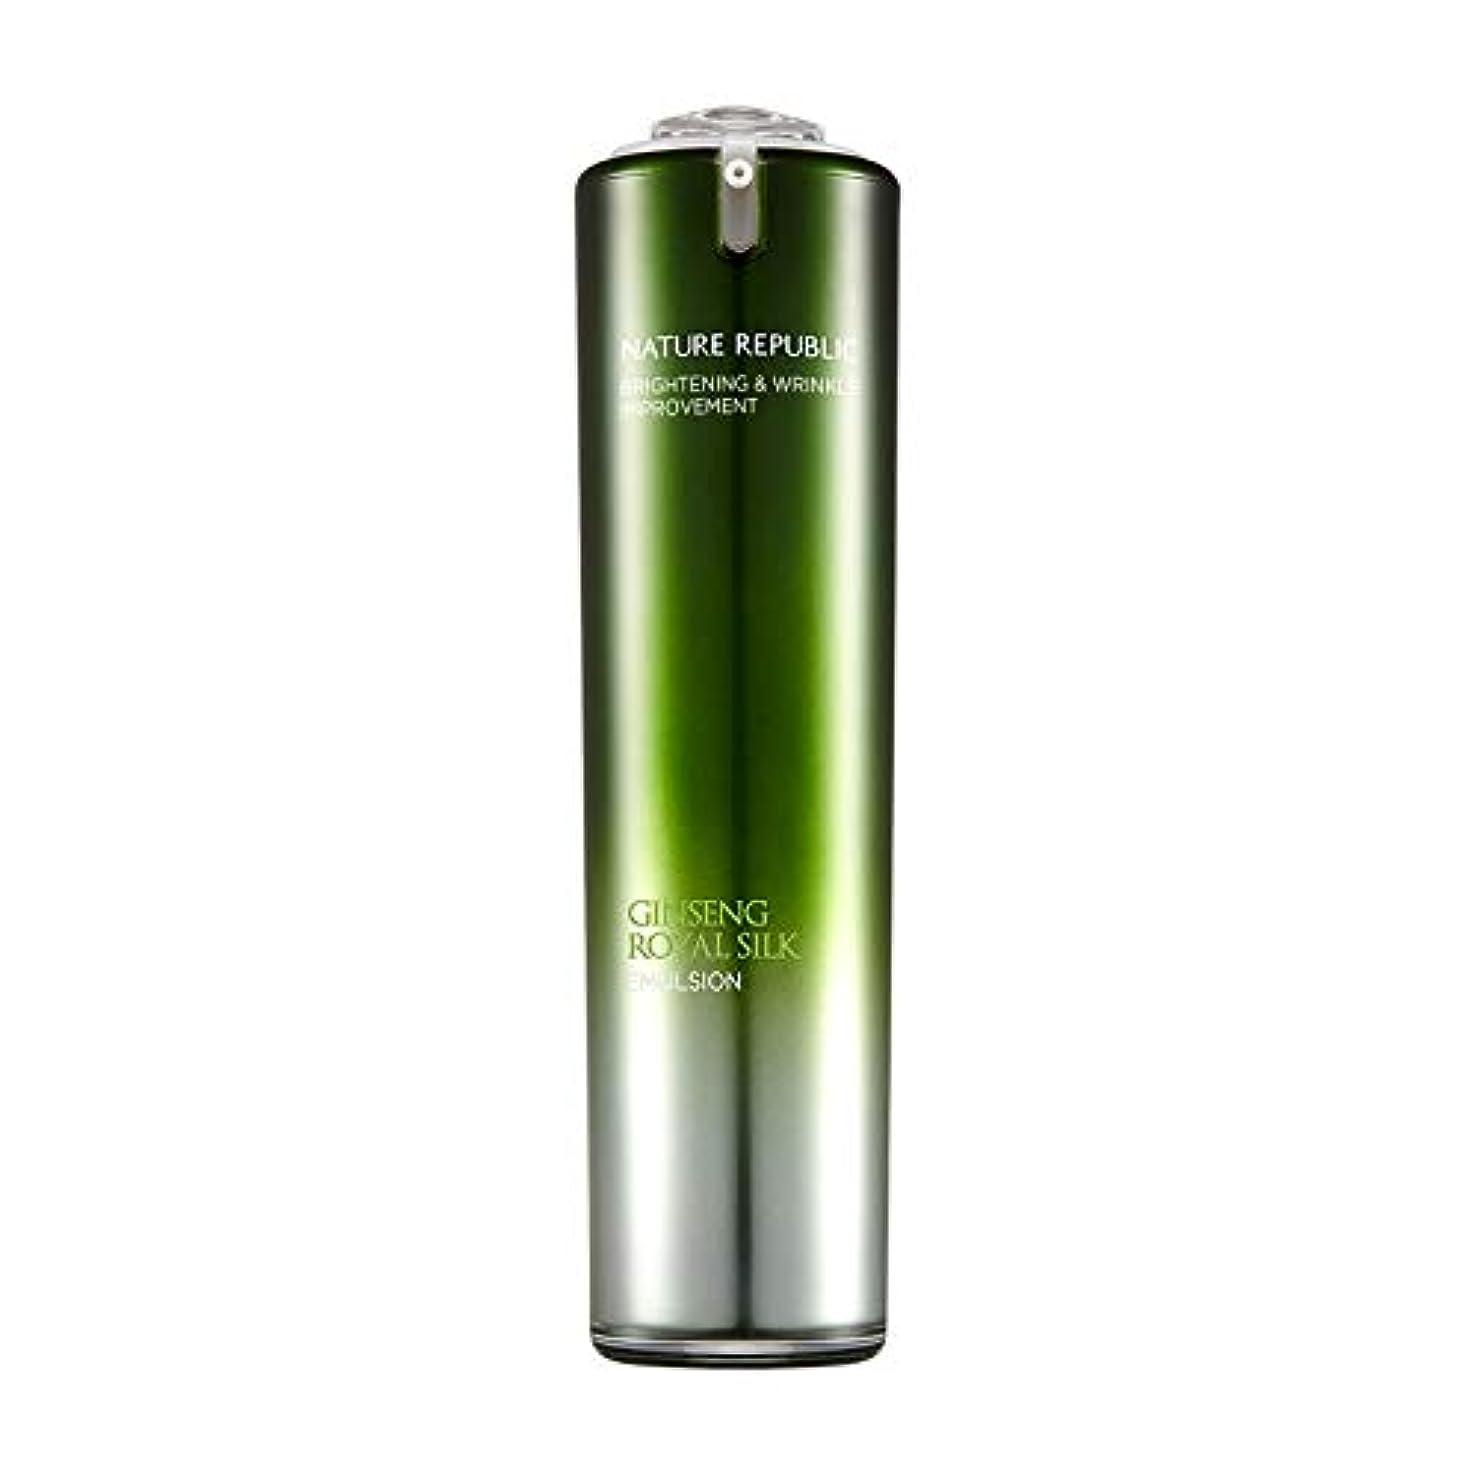 ネイチャーリパブリック(Nature Republic)ジンセンロイヤルシルクエマルジョン 120ml / Ginseng Royal Silk Emulsion 120ml :: 韓国コスメ [並行輸入品]